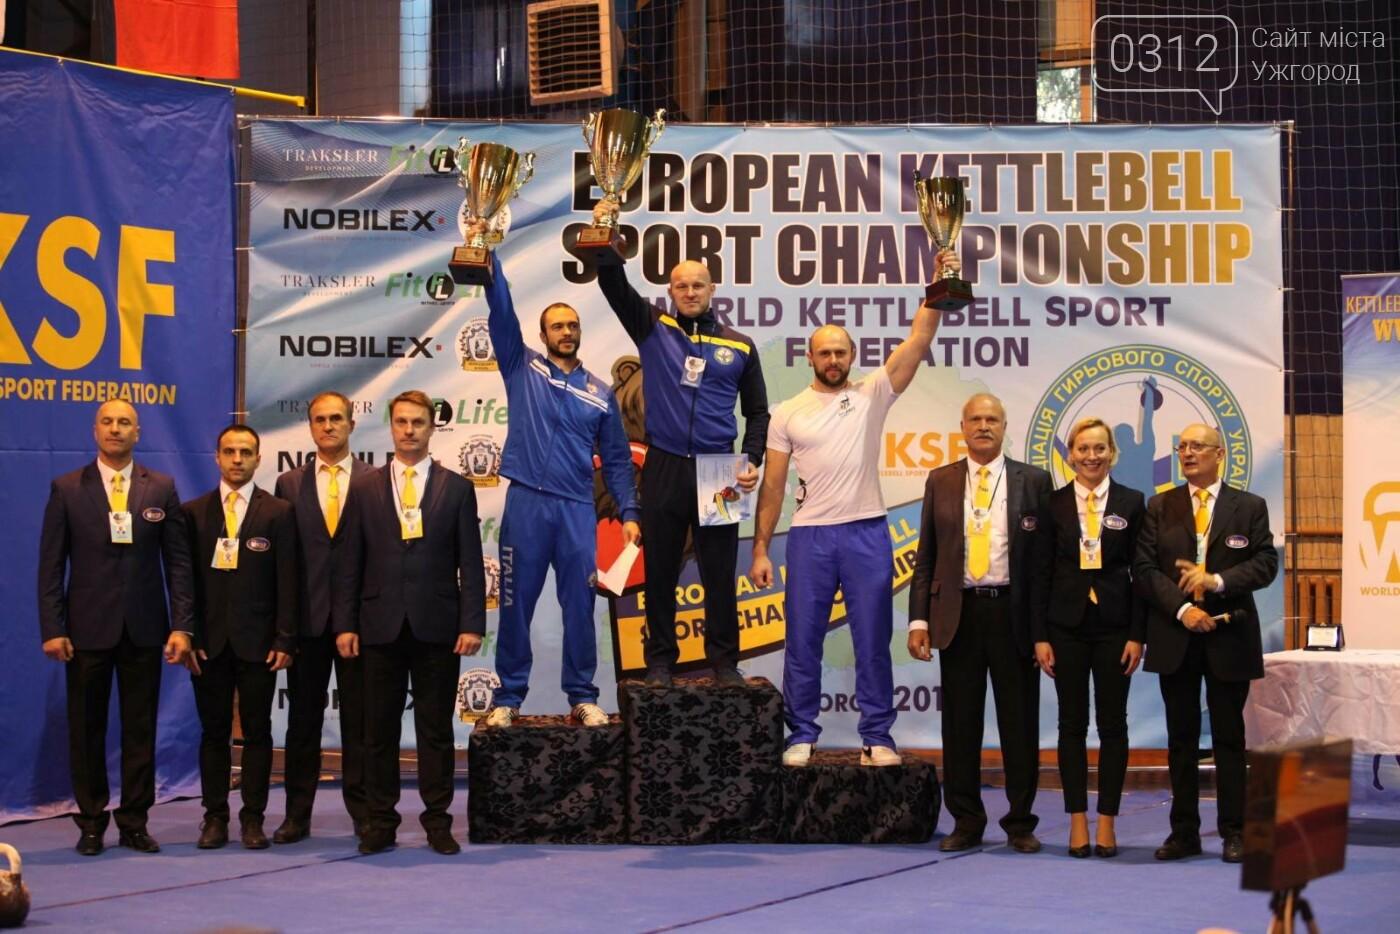 Троє закарпатців вибороли золото на Чемпіонаті Європи з гирьового спорту (ФОТО), фото-2